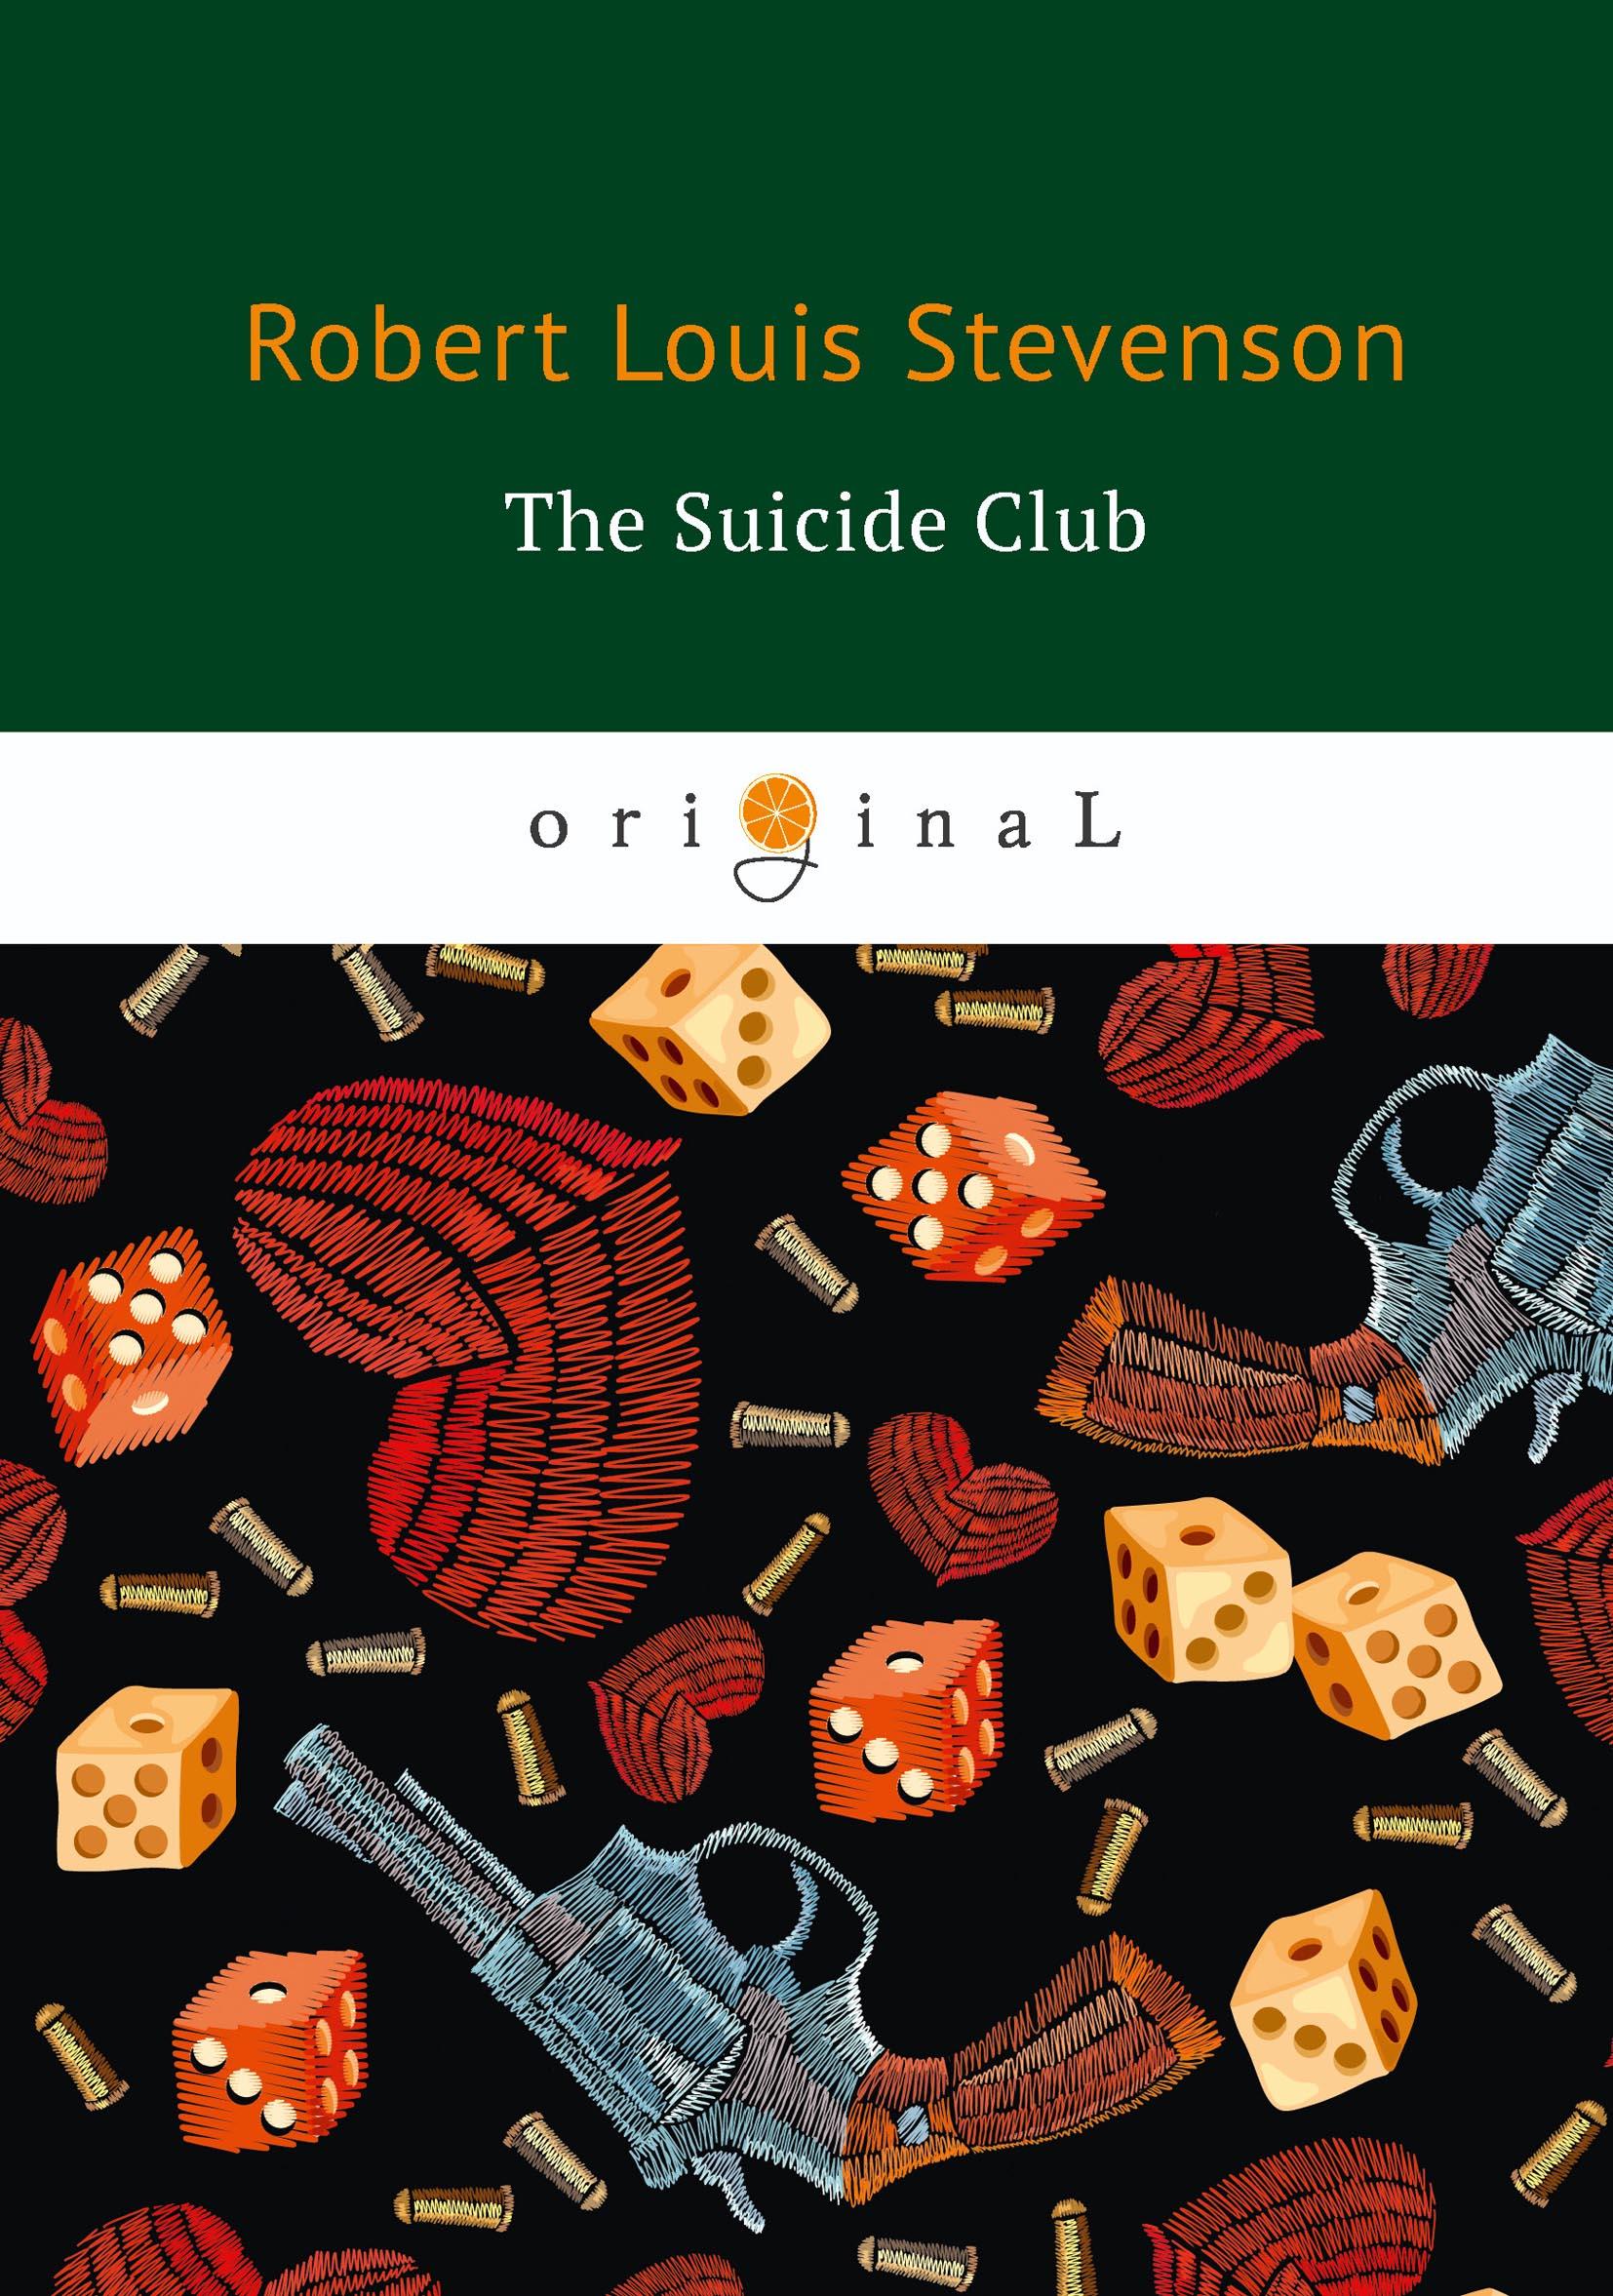 лучшая цена R. L. Stevenson The Suicide Club